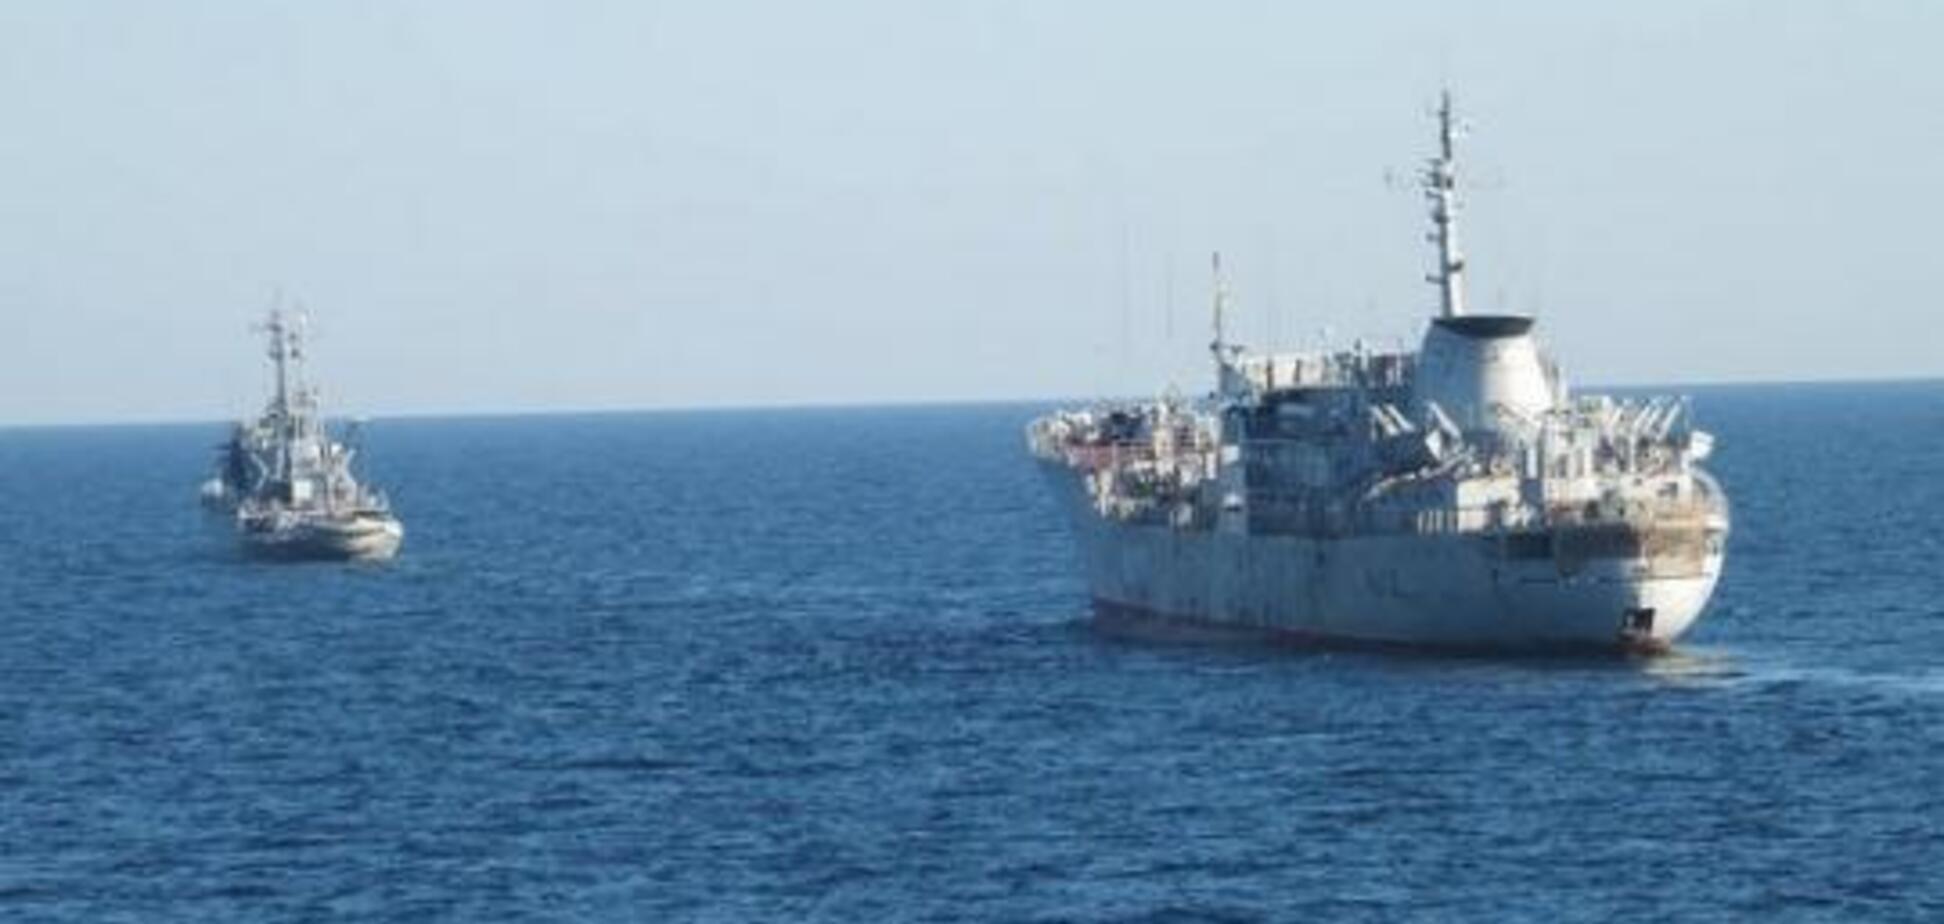 Защита Азовского моря: стало известно, в чем суть 'тайного' указа СНБО